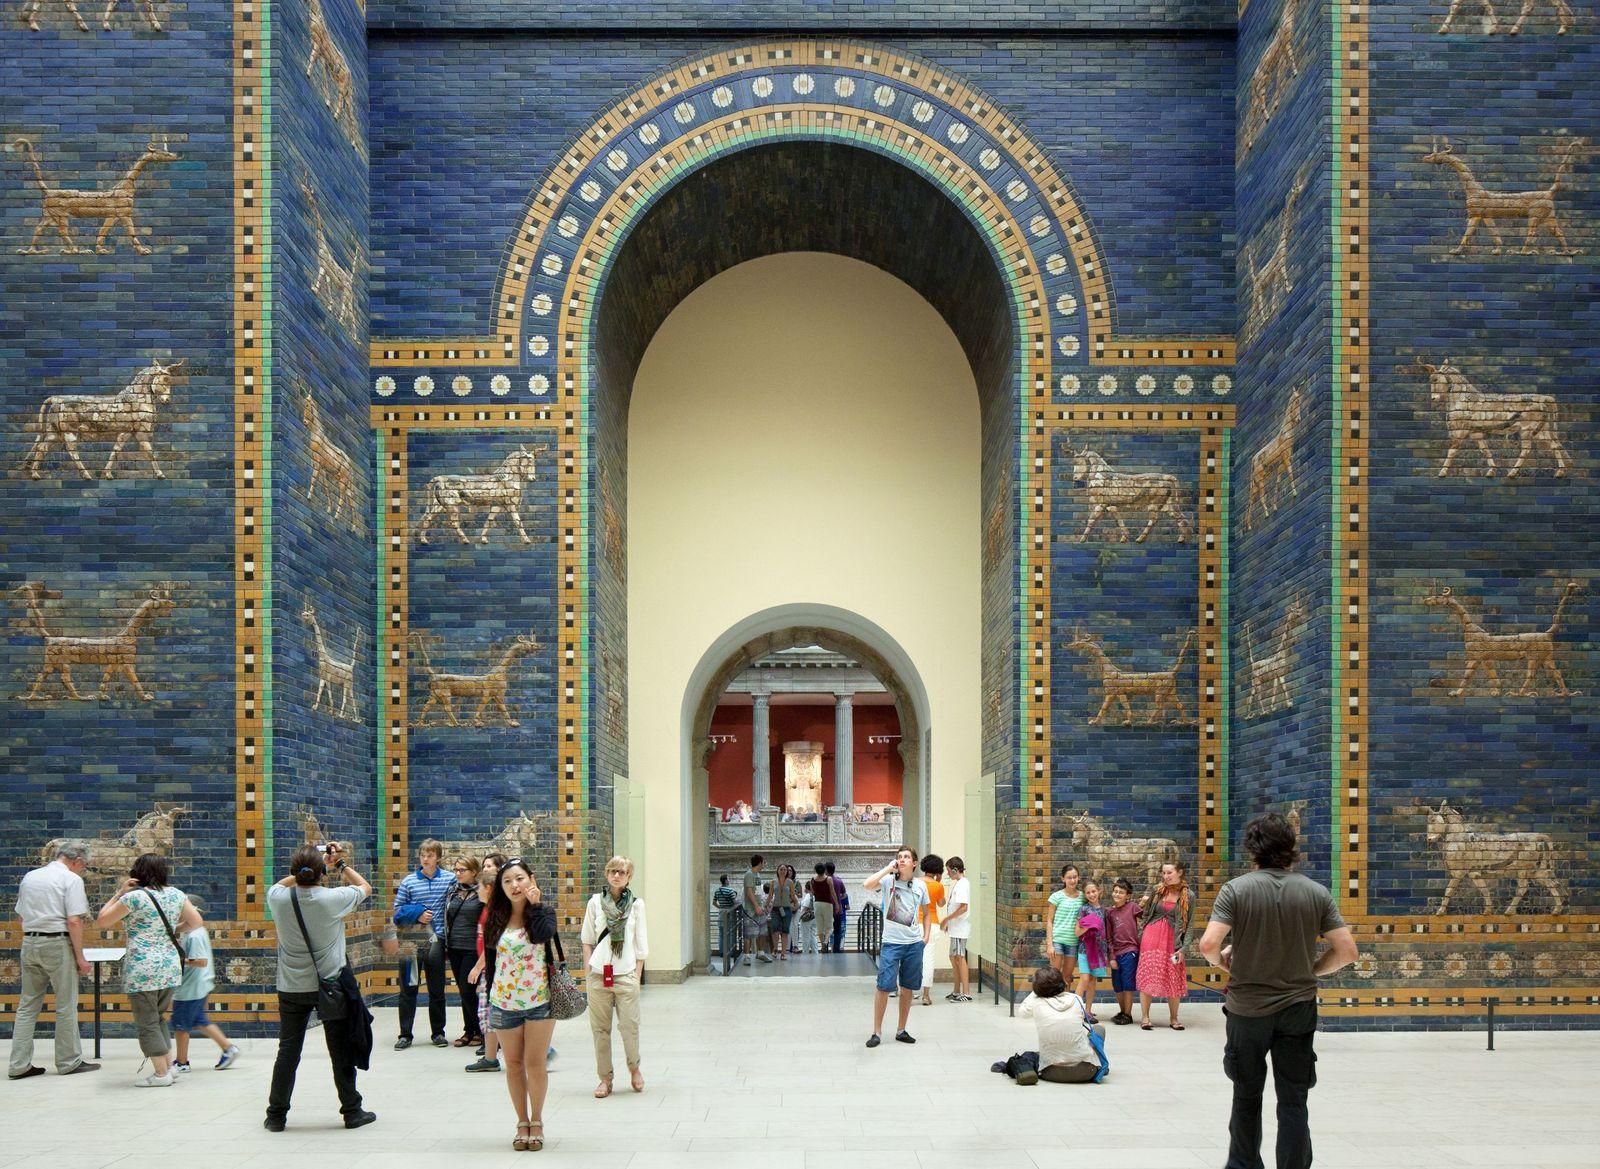 Das berühmte Ischtar-Tor im Pergamonmuseum. (c) Staatliche Museen zu Berlin, Achim Kleuker